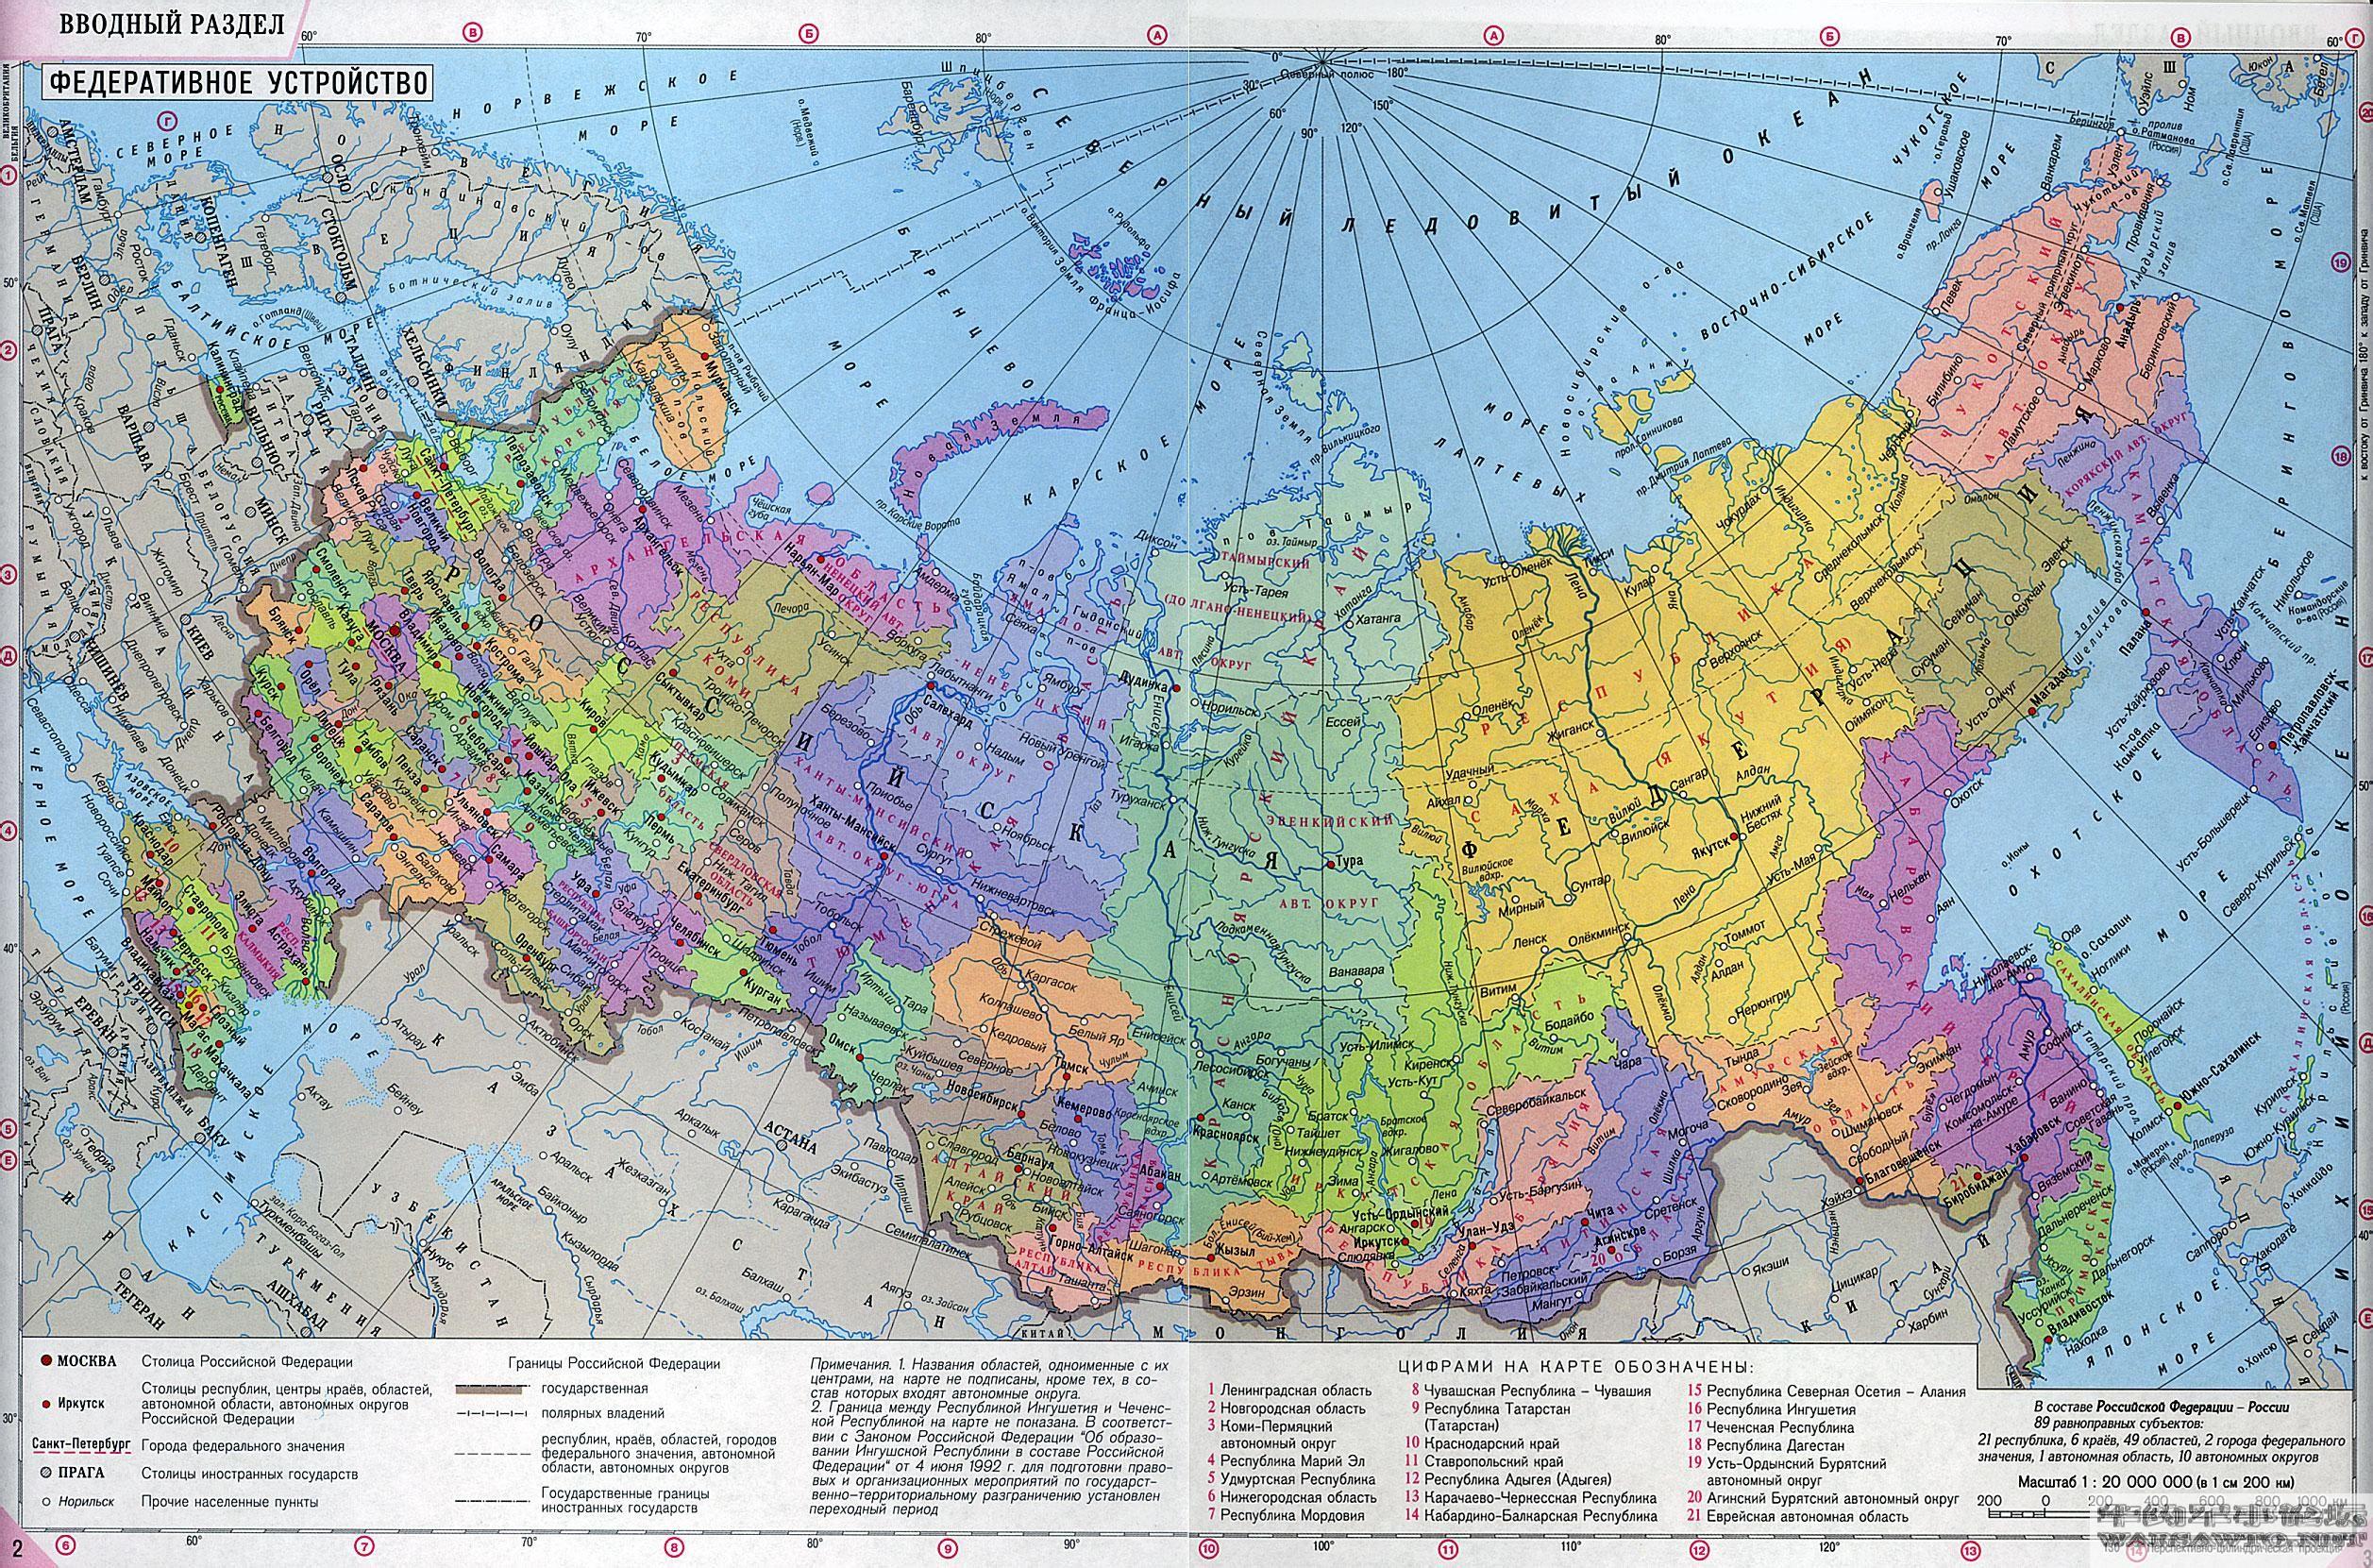 苏联解体前后地图对比_百度知道: http://zhidao.baidu.com/question/175940004100982804.html